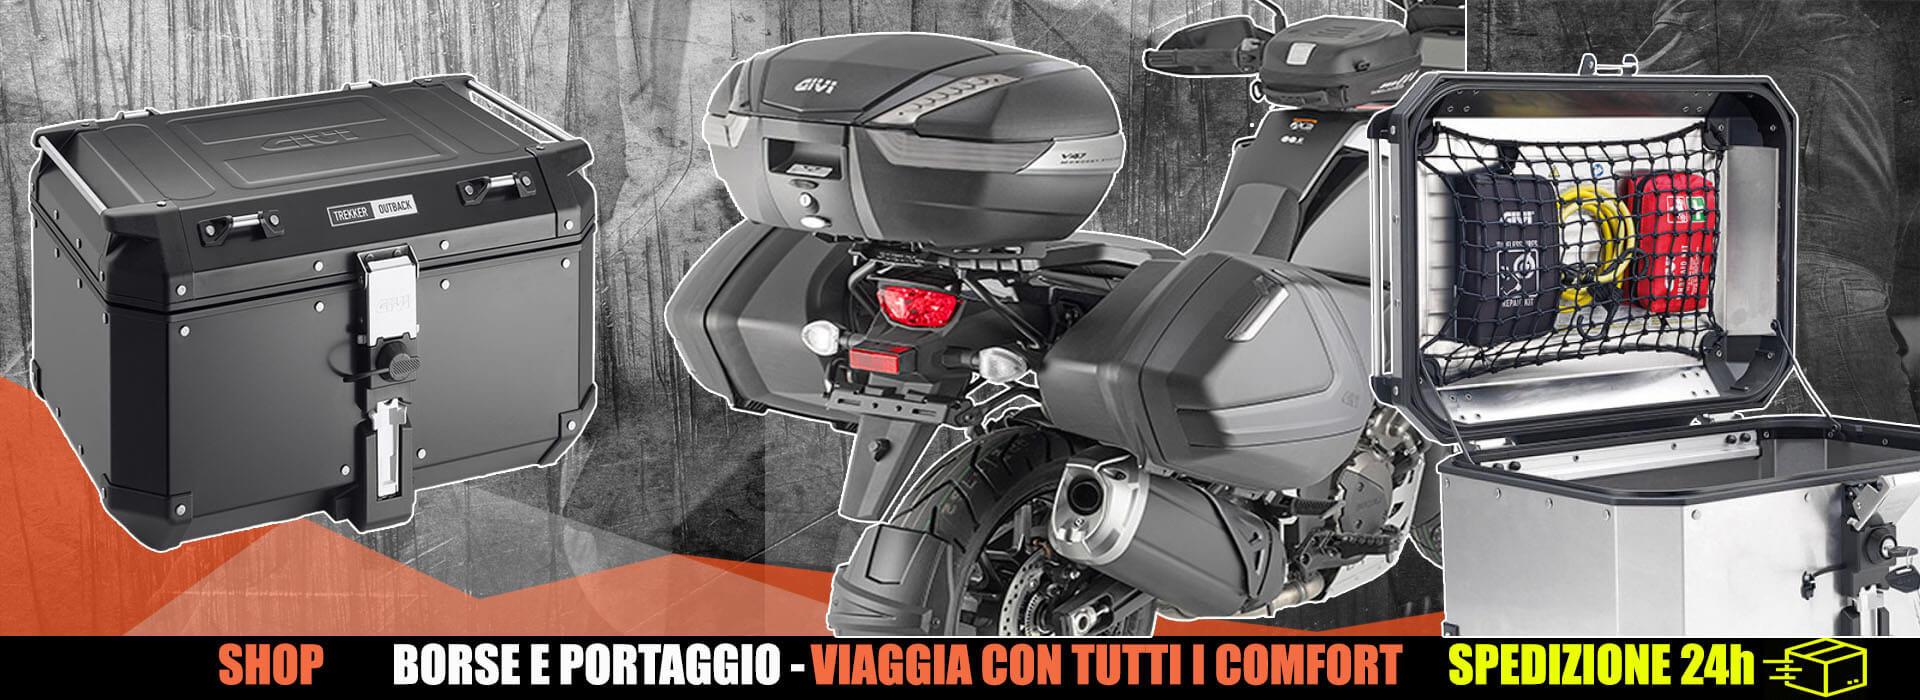 borse_portaggio